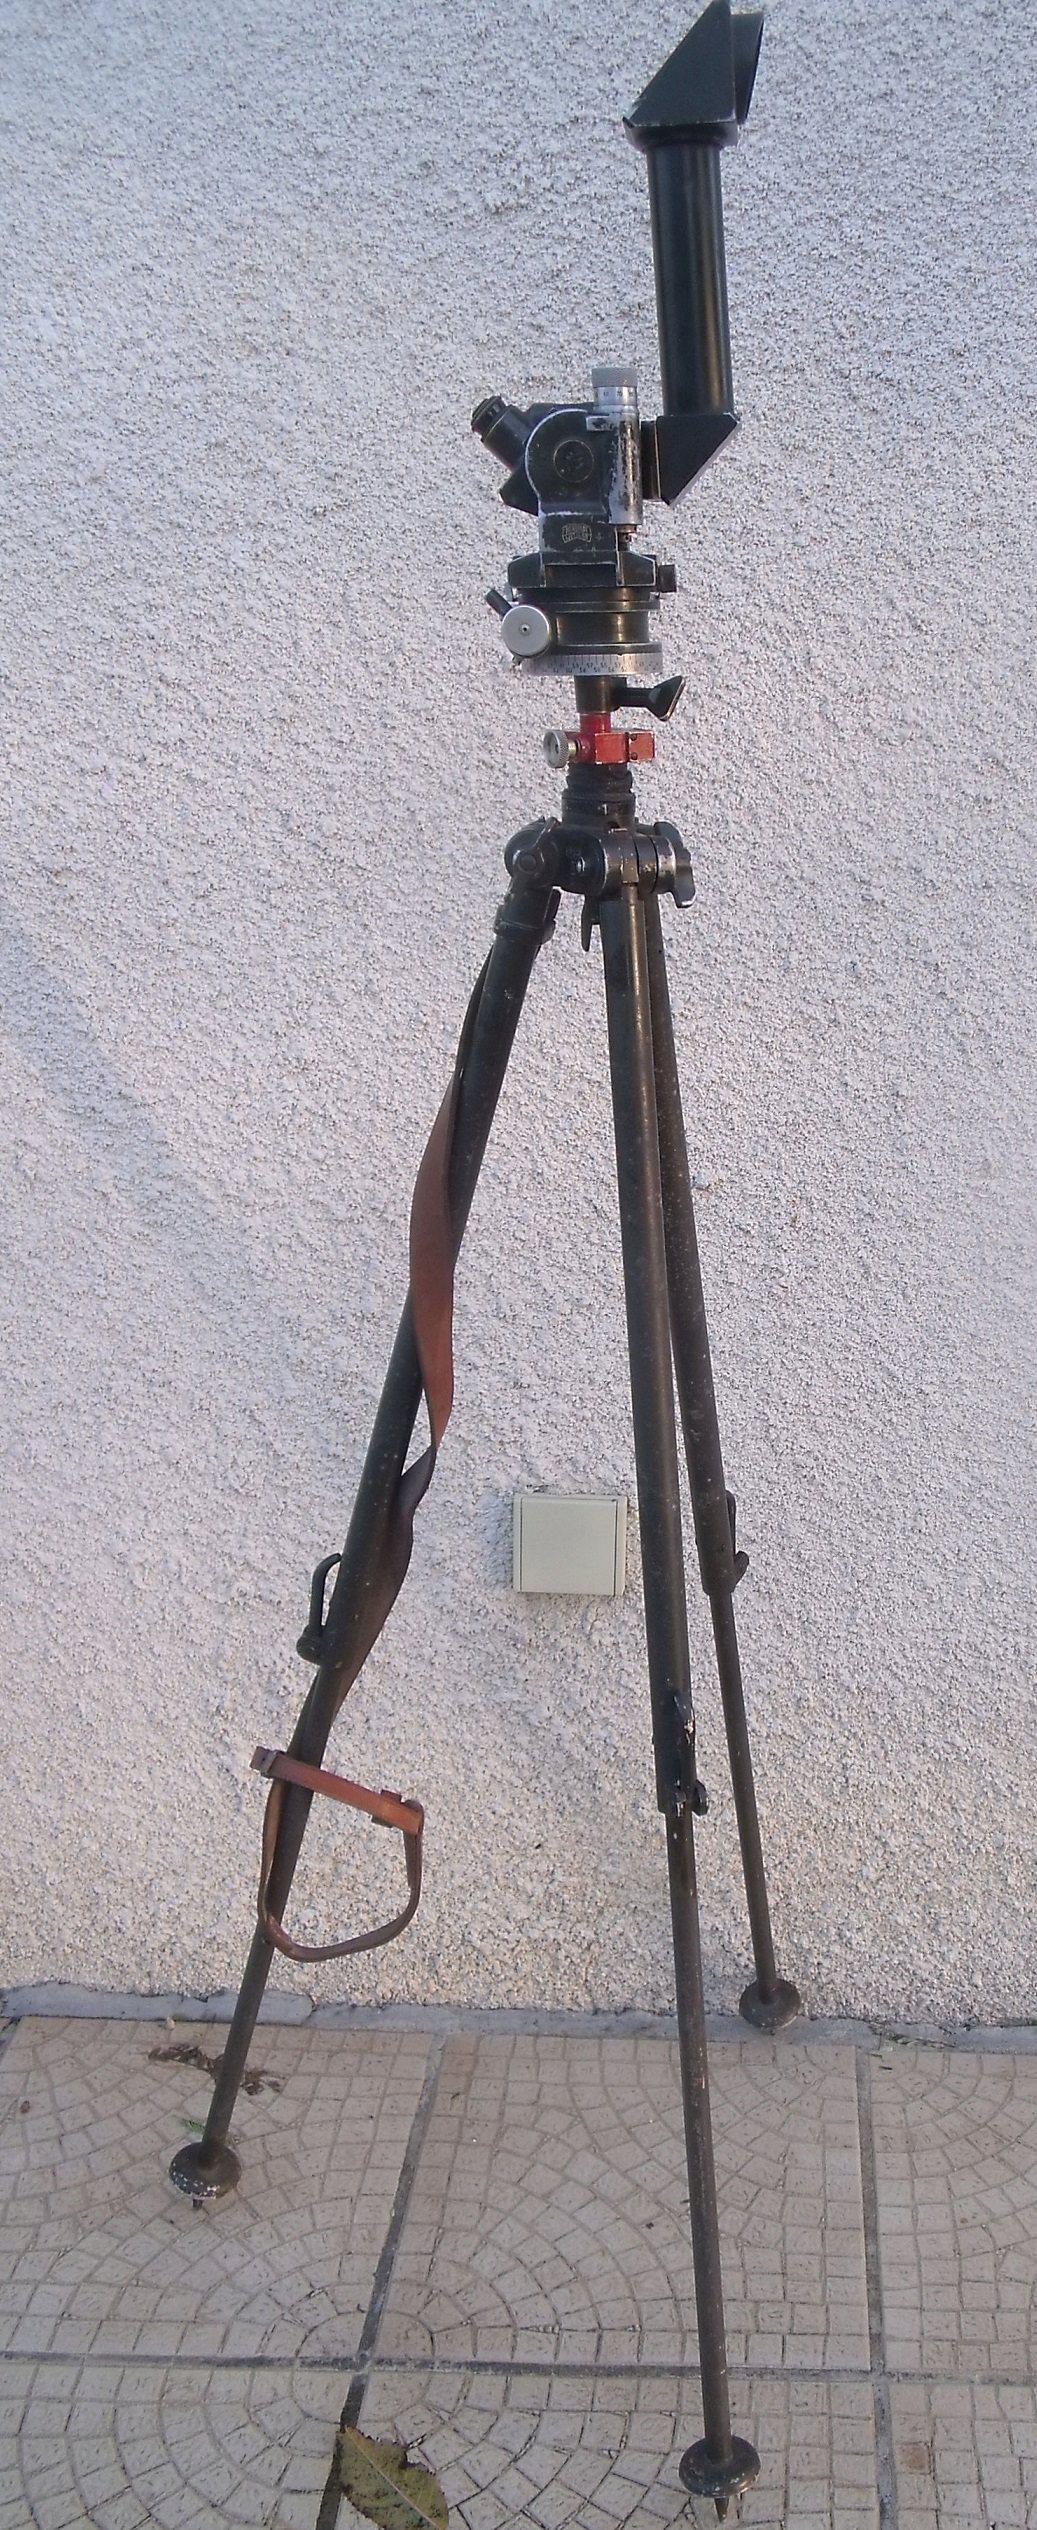 31 - richtkreis 31 dernier achat optique allemand ww2 00131